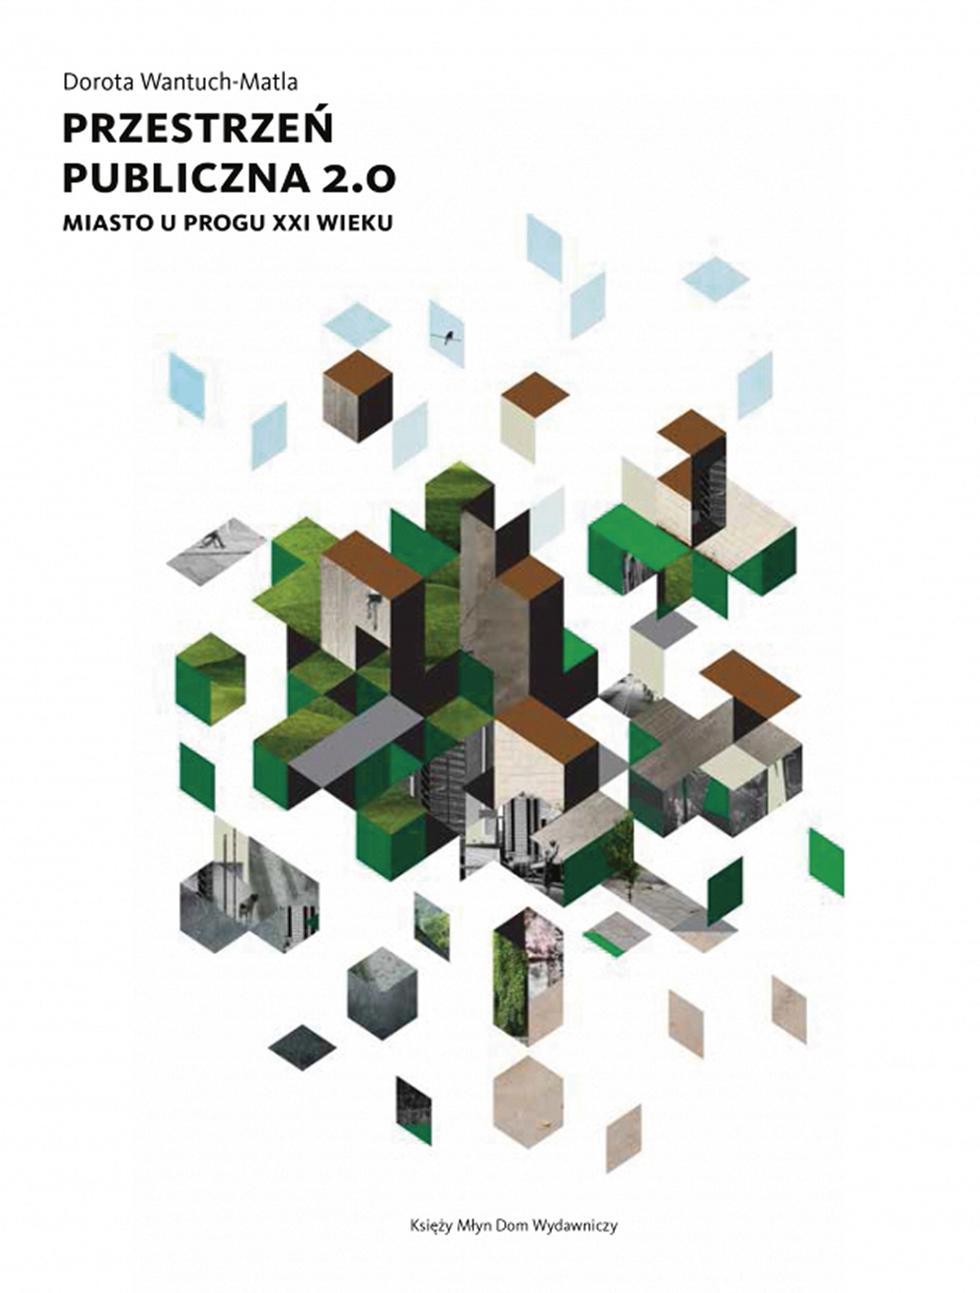 Przestrzeń publiczna 2.0. Miasto u progu XXI wieku